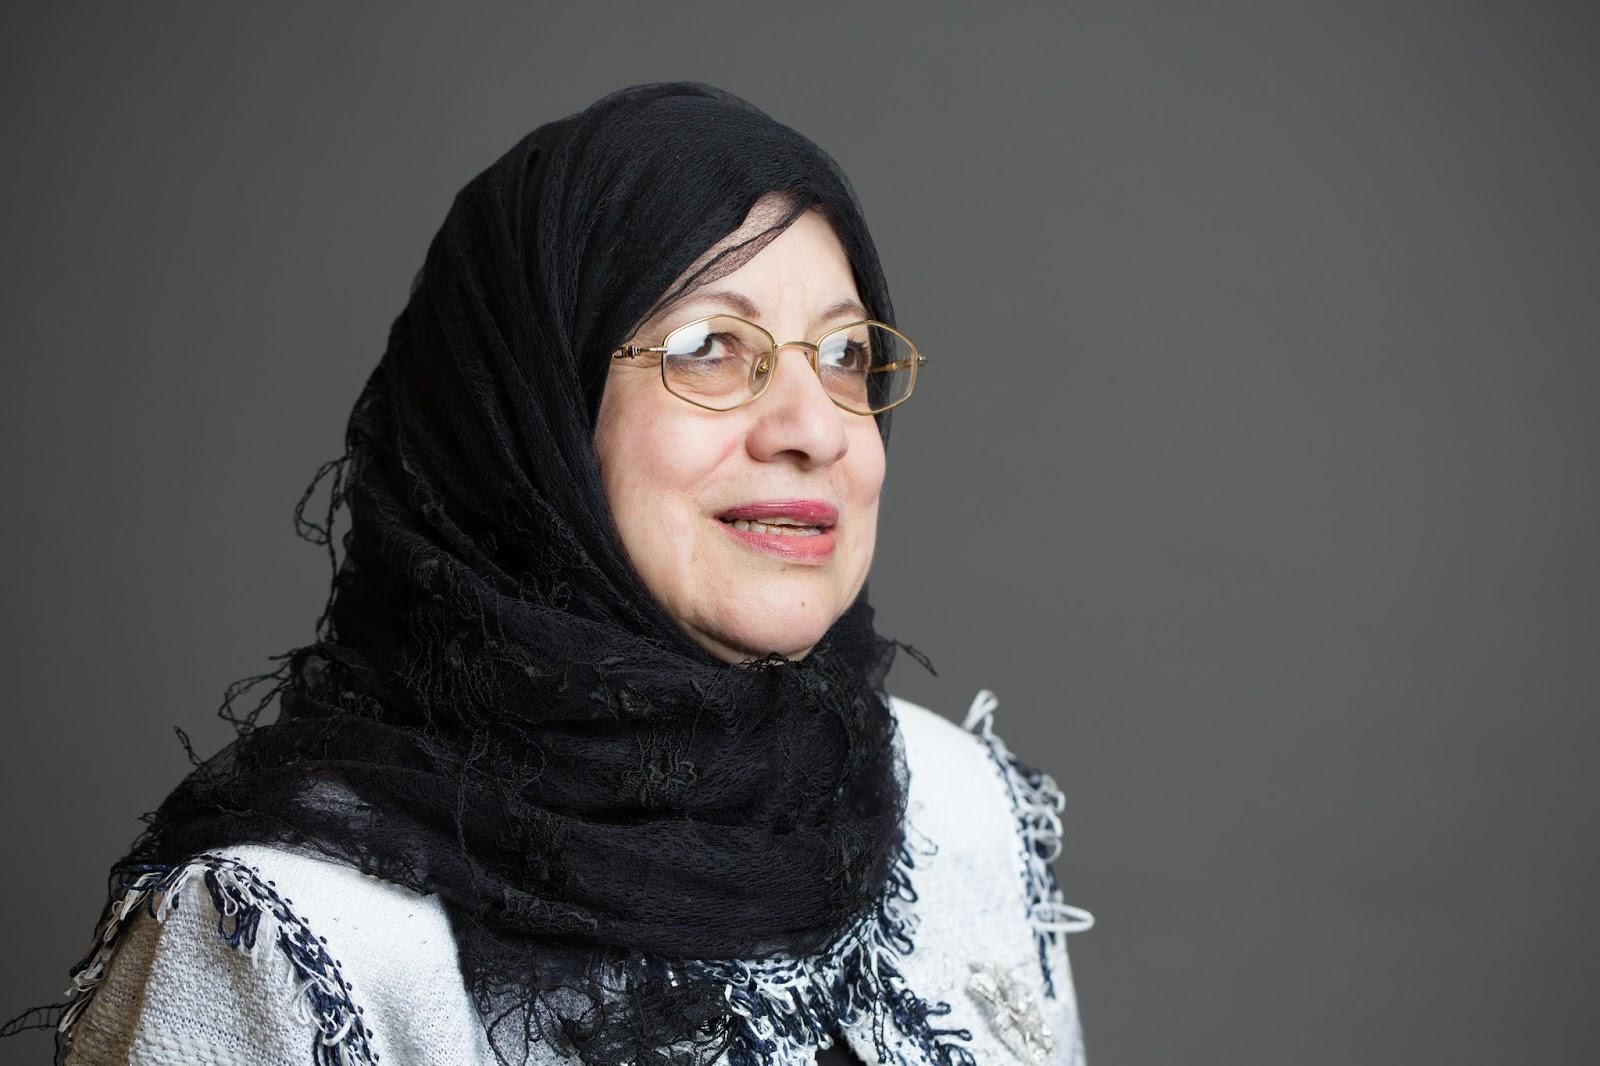 الحجاب واللباس والزينة في مناهجنا الدراسية(3)